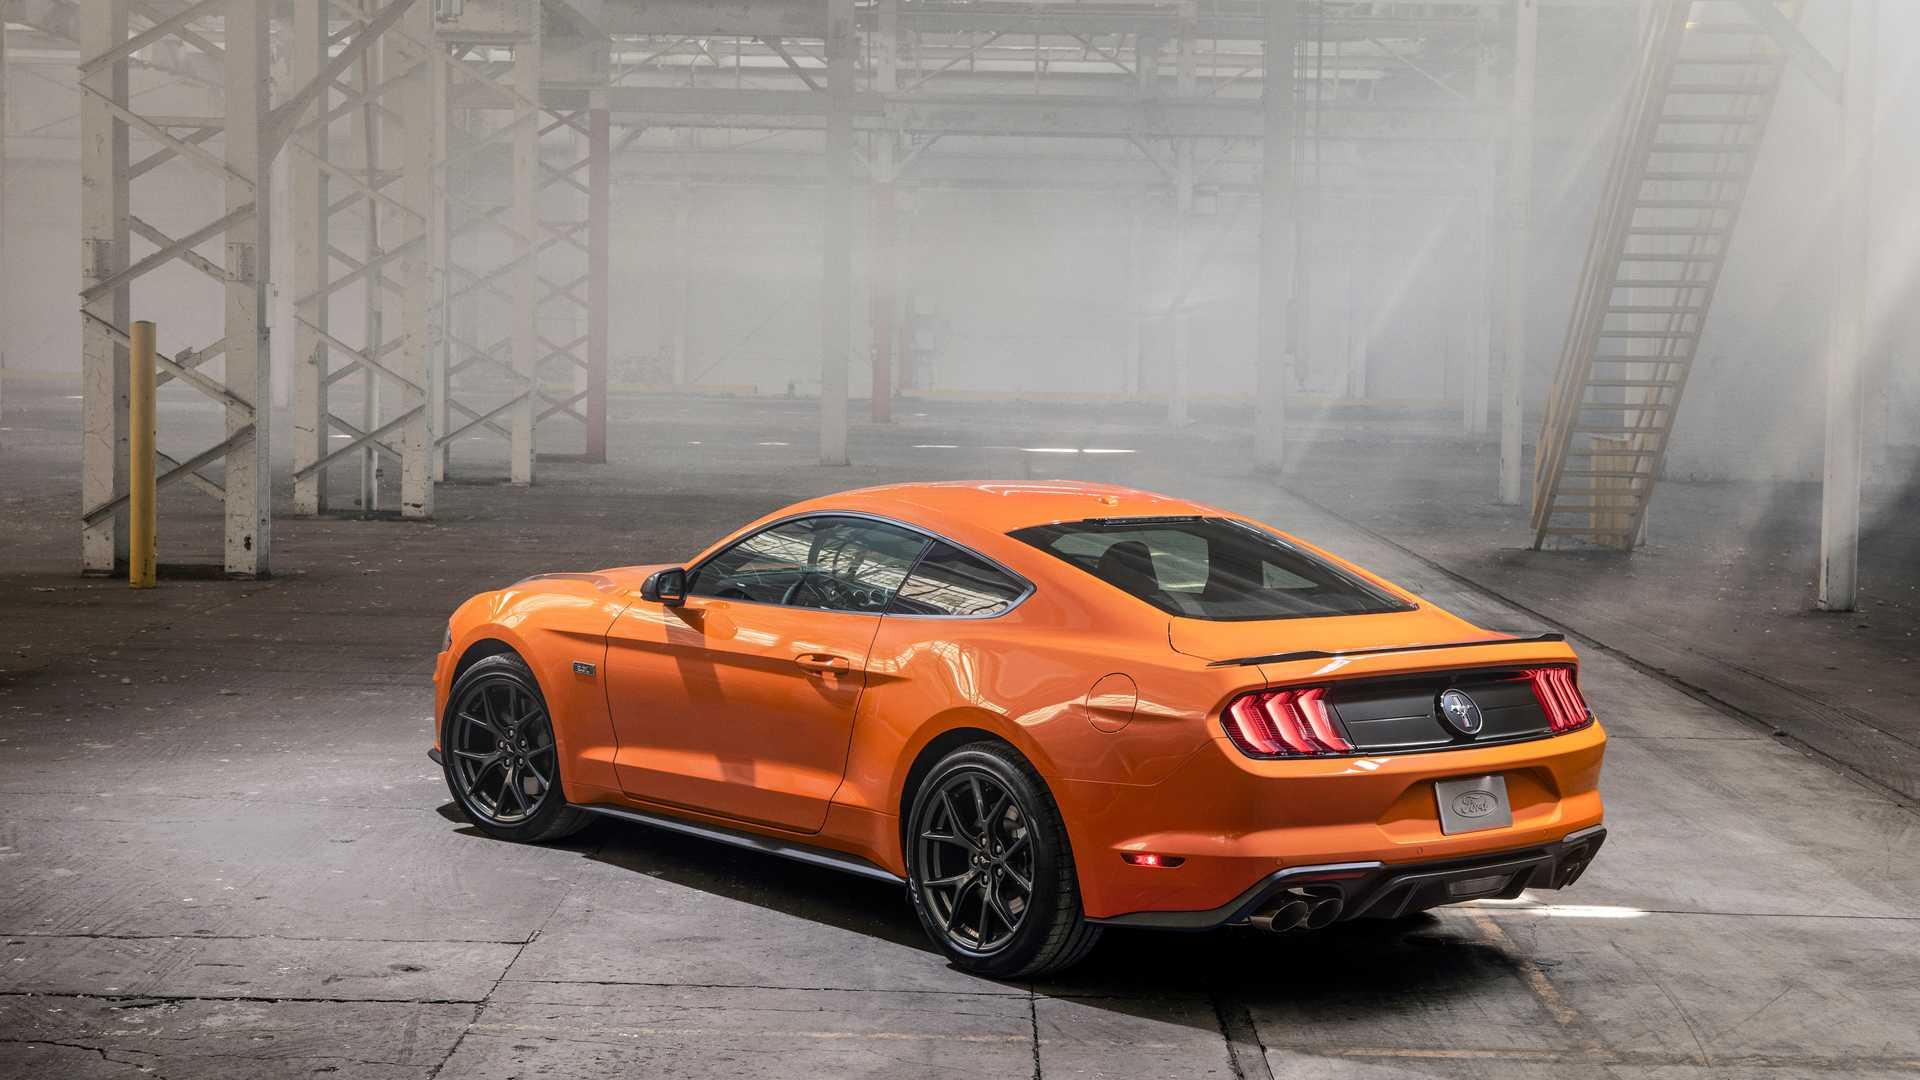 2020-ford-mustang-high-perf-package-3.jpg